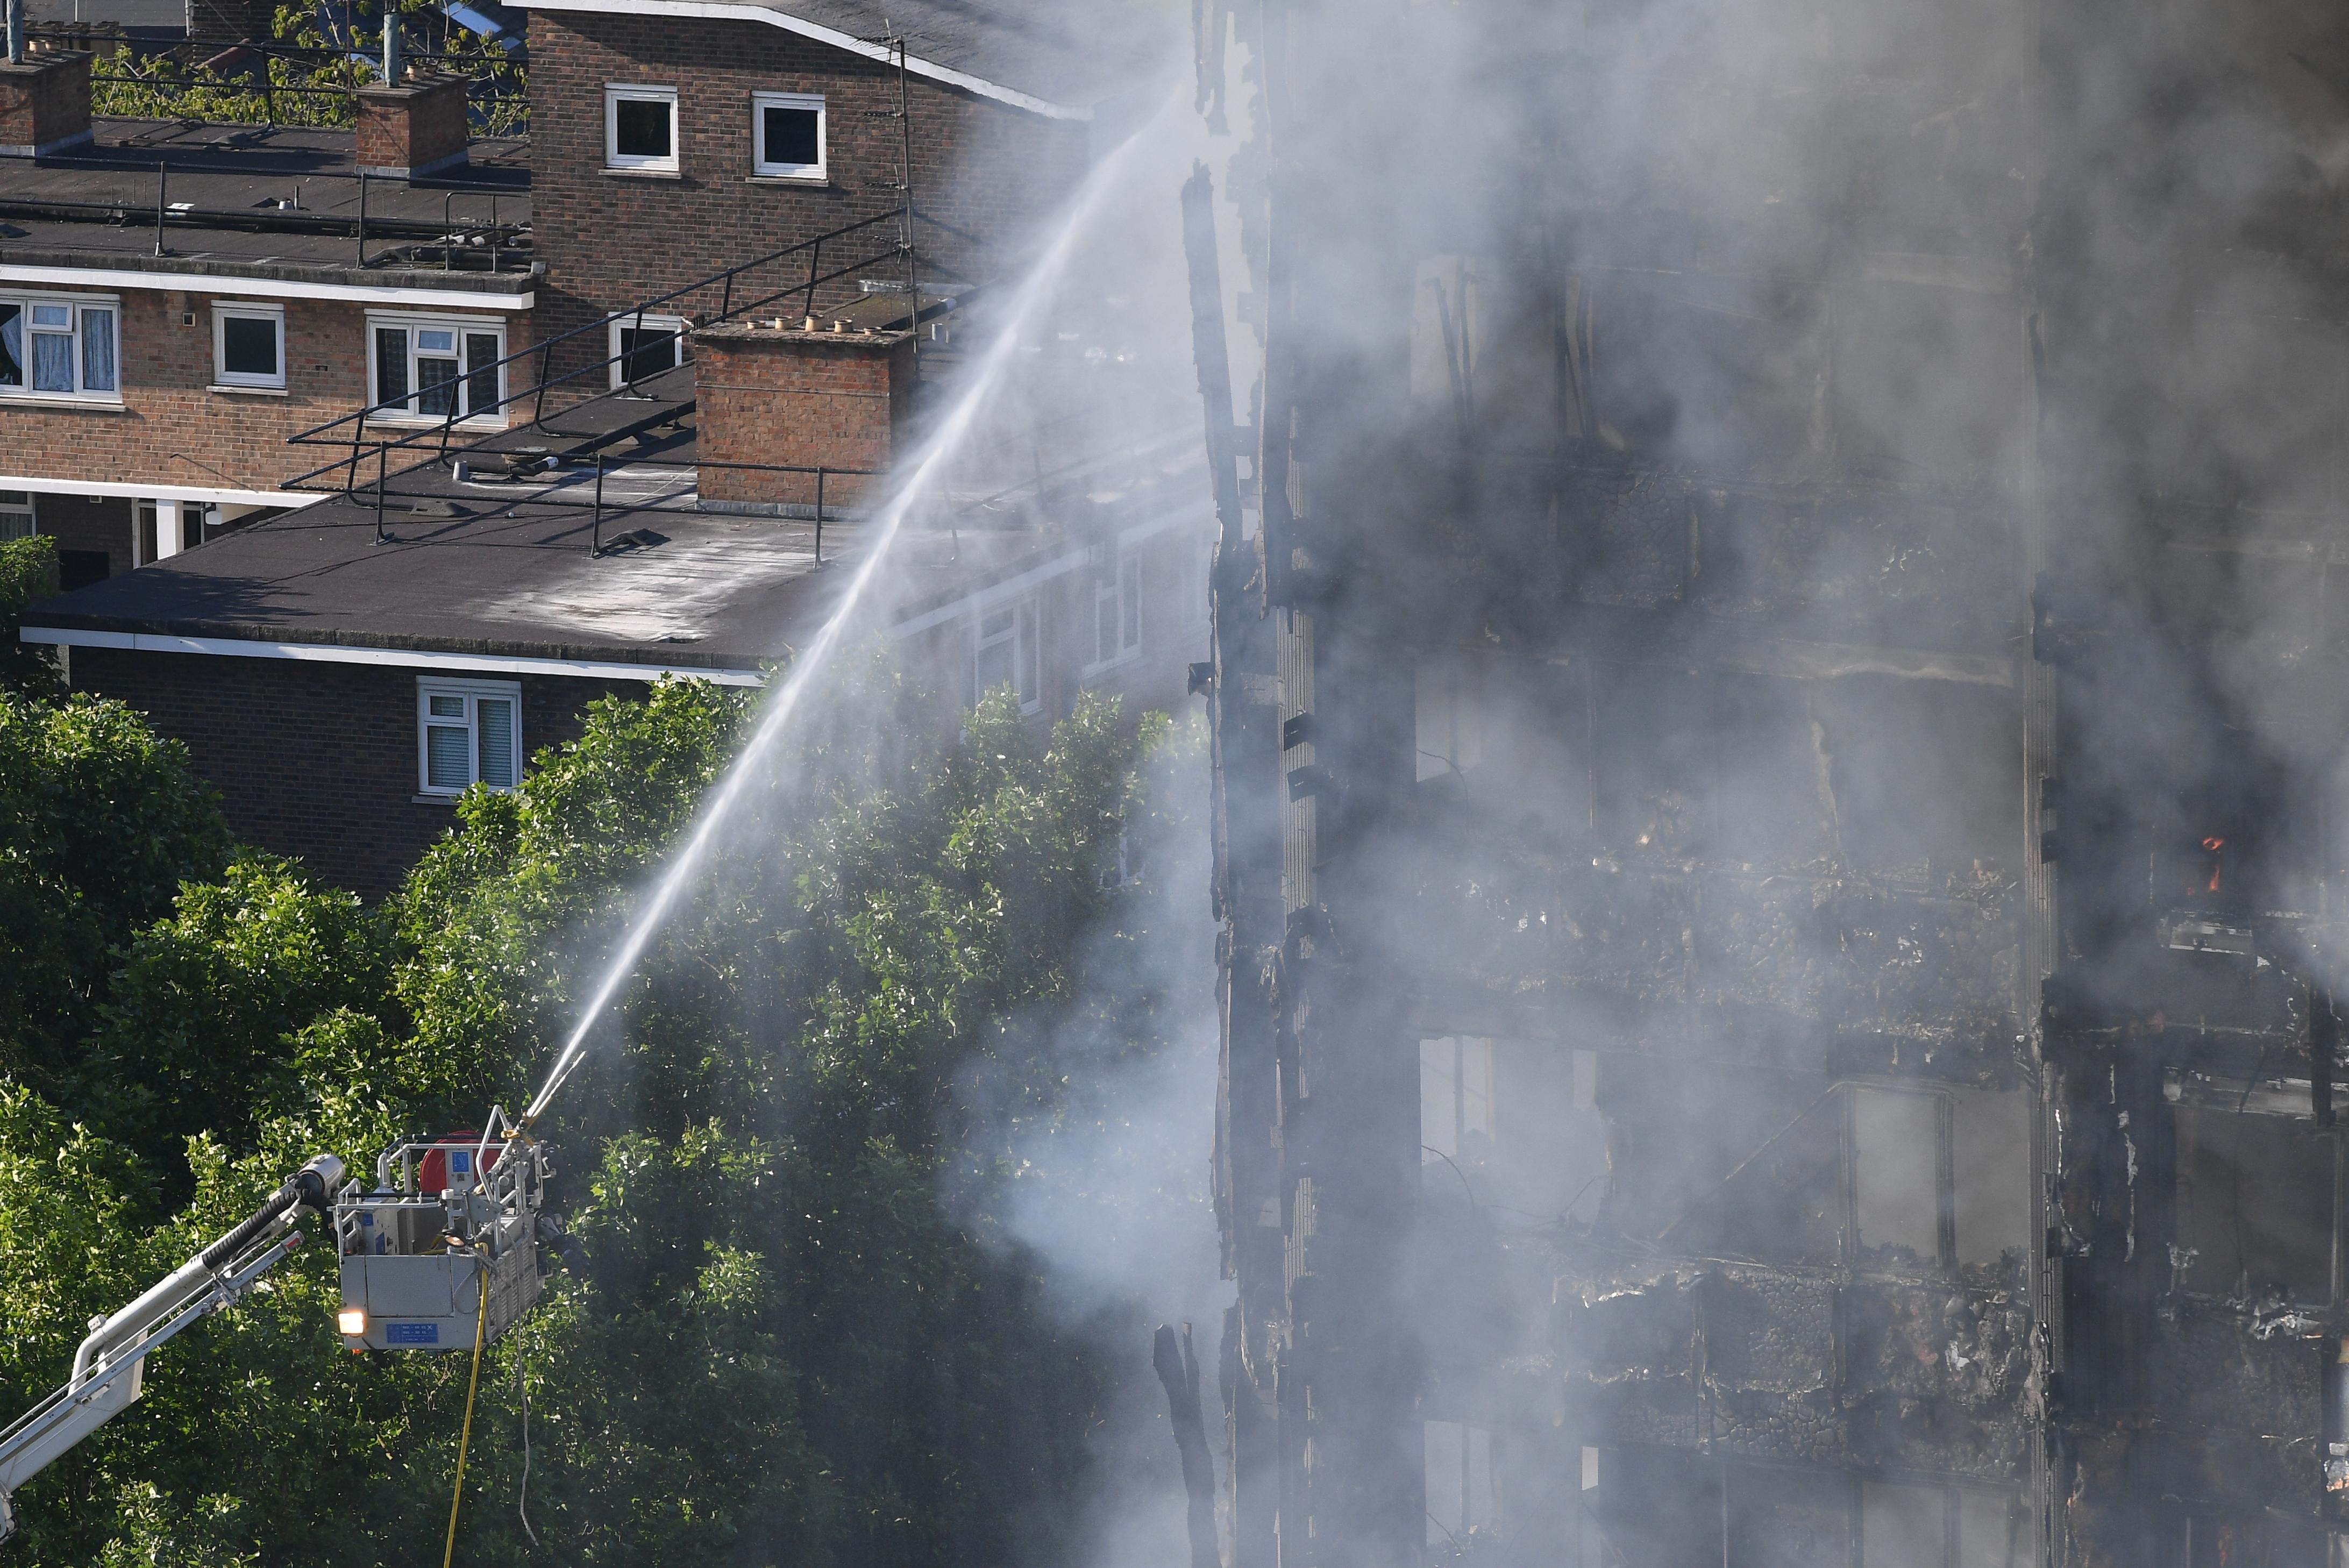 Mărturii terifiante în urma incendiului devastator din Londra. Oamenii și-au aruncat copiii de la balcon, în încercarea disperată de a le salva viața